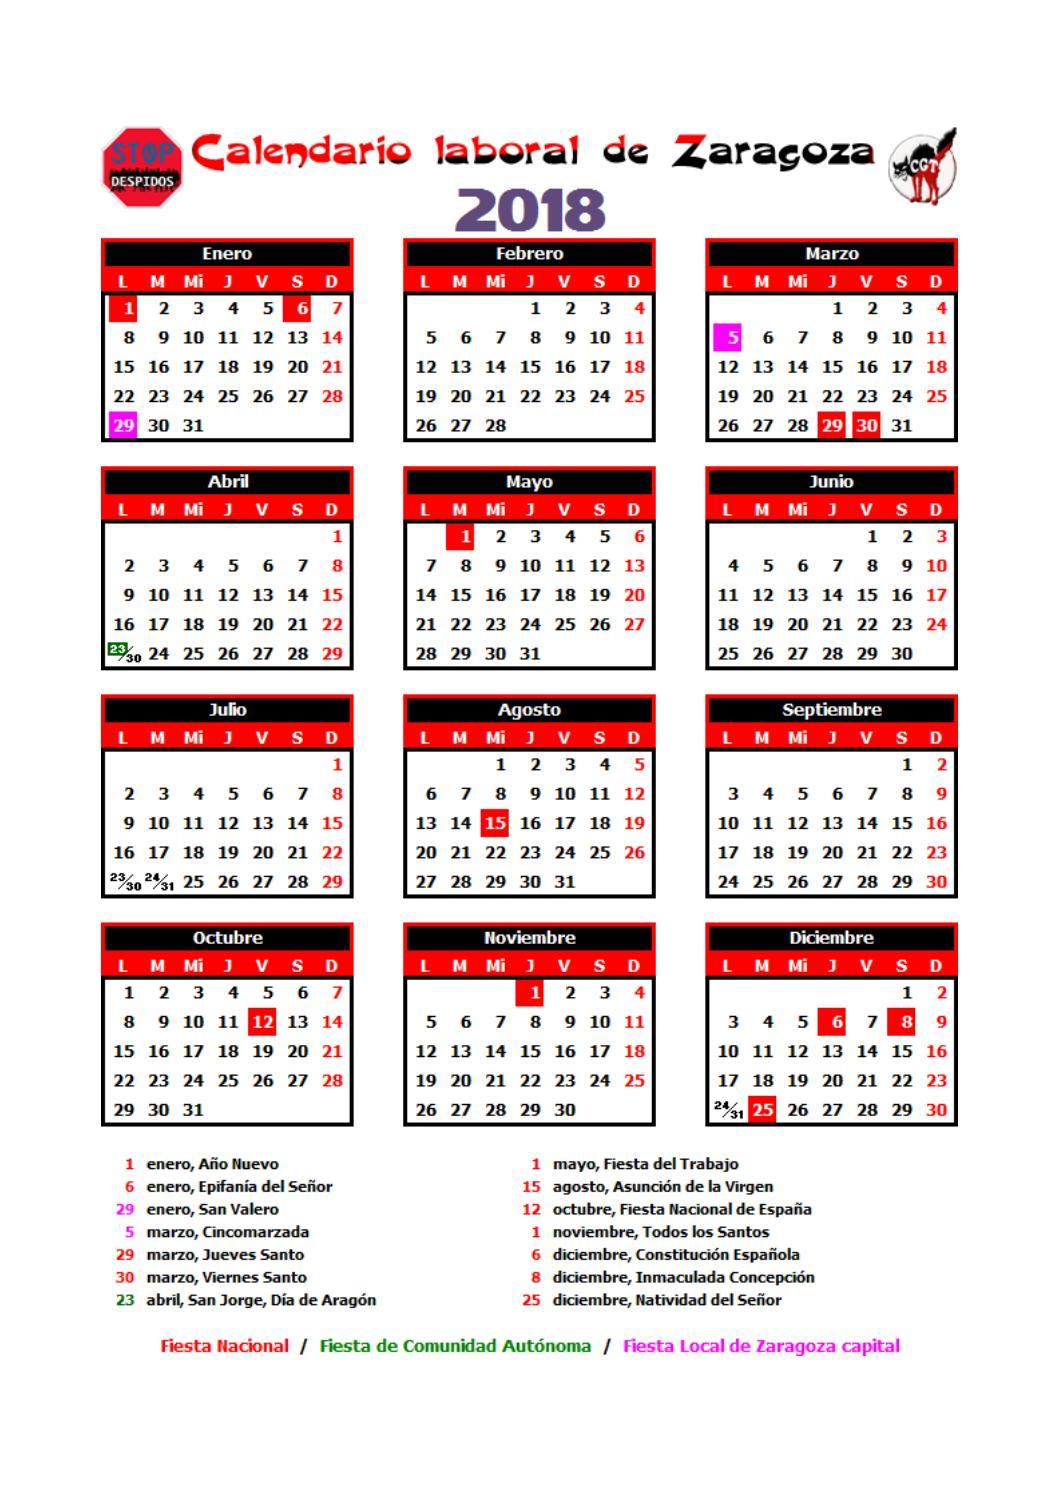 Calendario Santos.Calendario Laboral 2018 Z By Cgt Atos Issuu